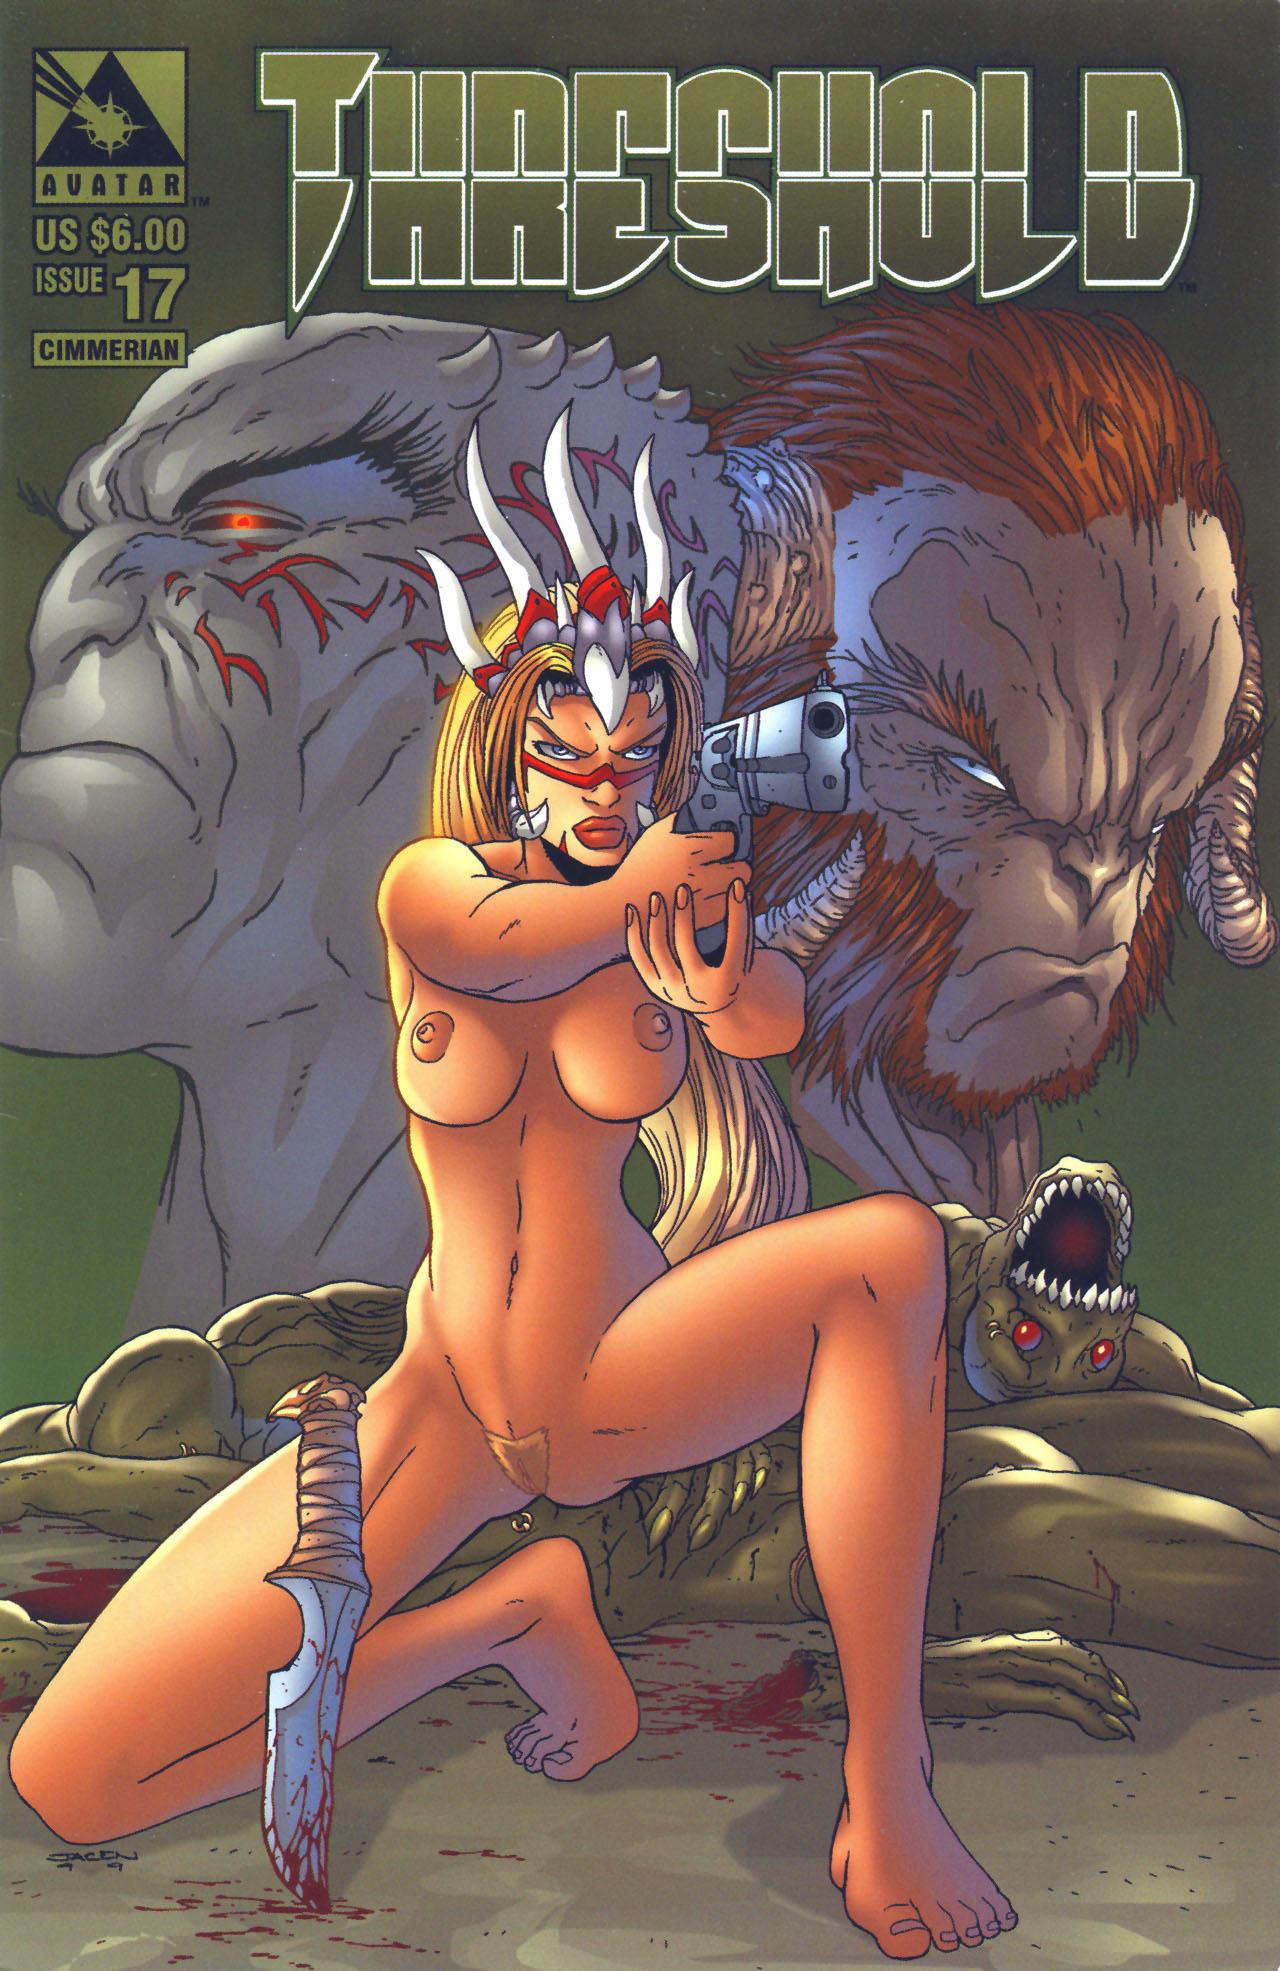 hot king hill girl naked